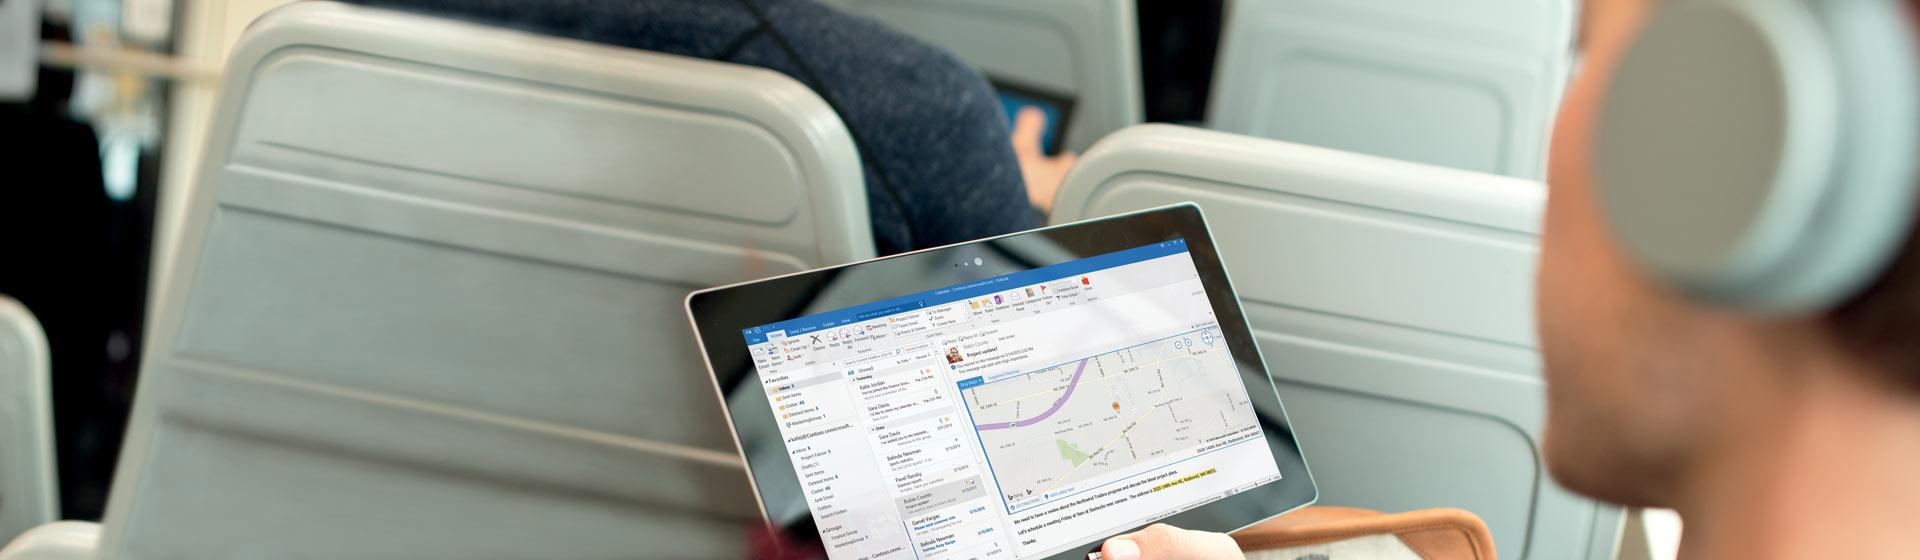 Мужчина с планшетом, на экране которого— папка входящих сообщений в Office365.